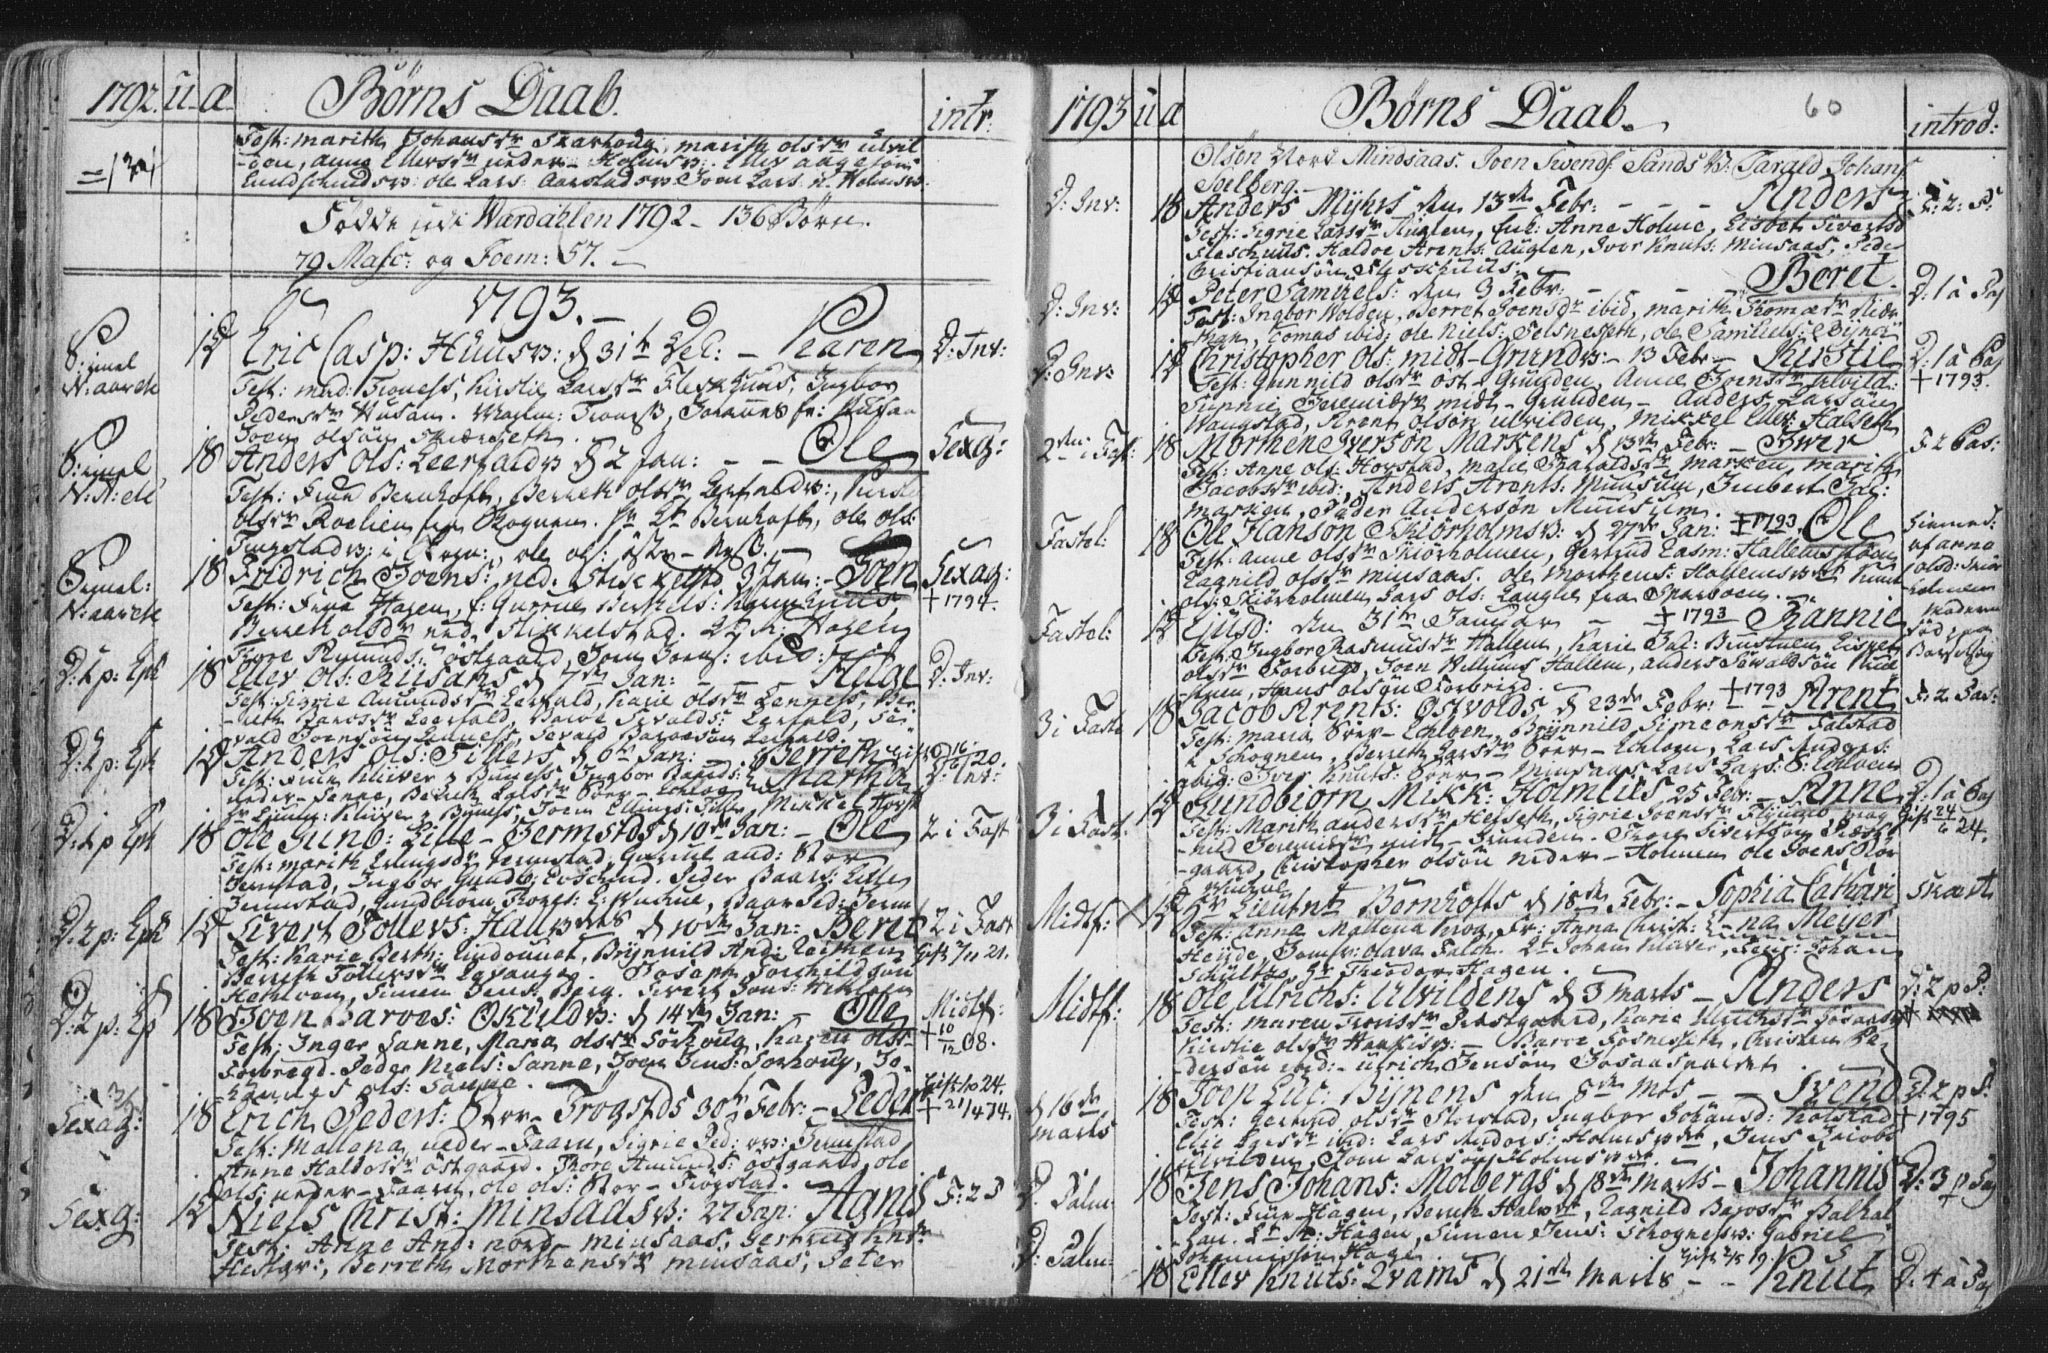 SAT, Ministerialprotokoller, klokkerbøker og fødselsregistre - Nord-Trøndelag, 723/L0232: Ministerialbok nr. 723A03, 1781-1804, s. 60